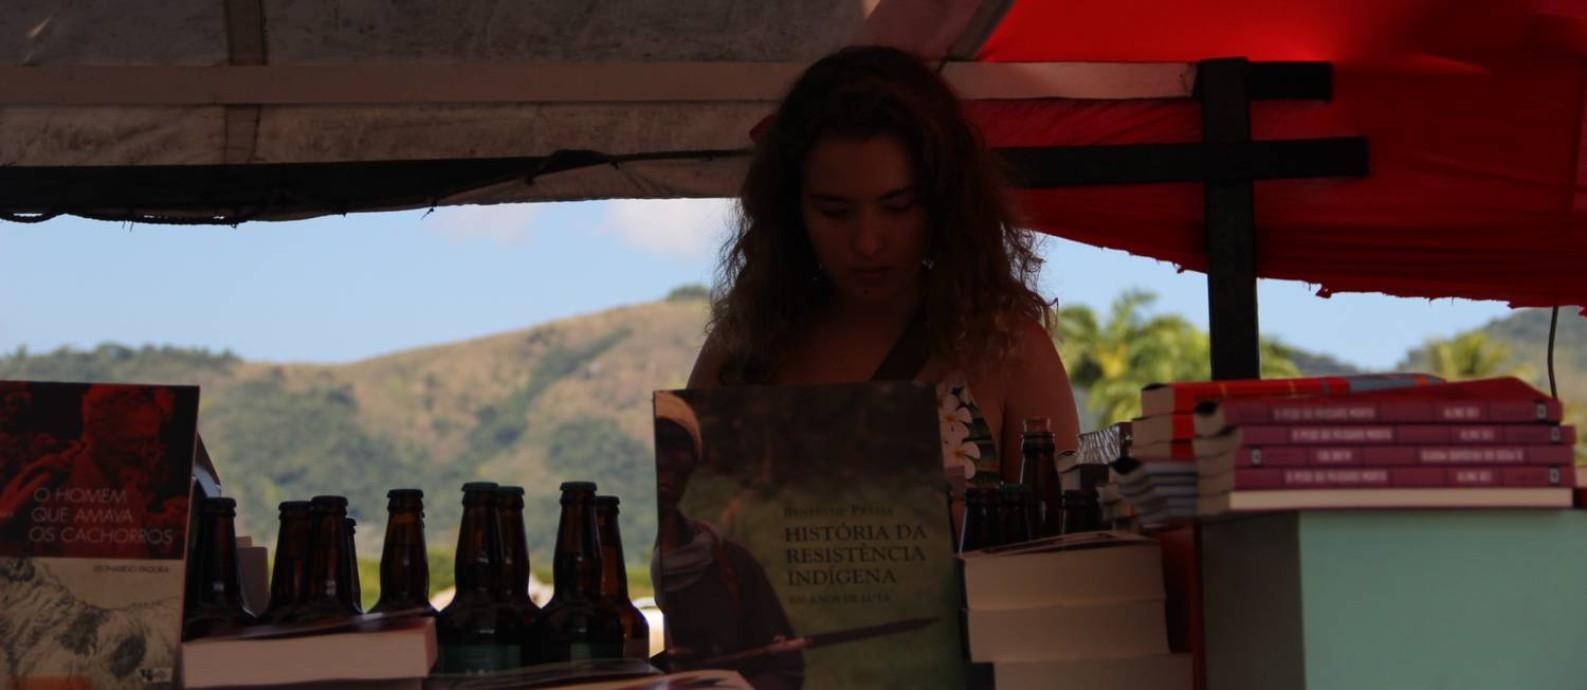 Foto do Barco Flipei (Festa Literária Pirata das Editoras Independentes), que integra a programação paralela da Flip Foto: Divulgação